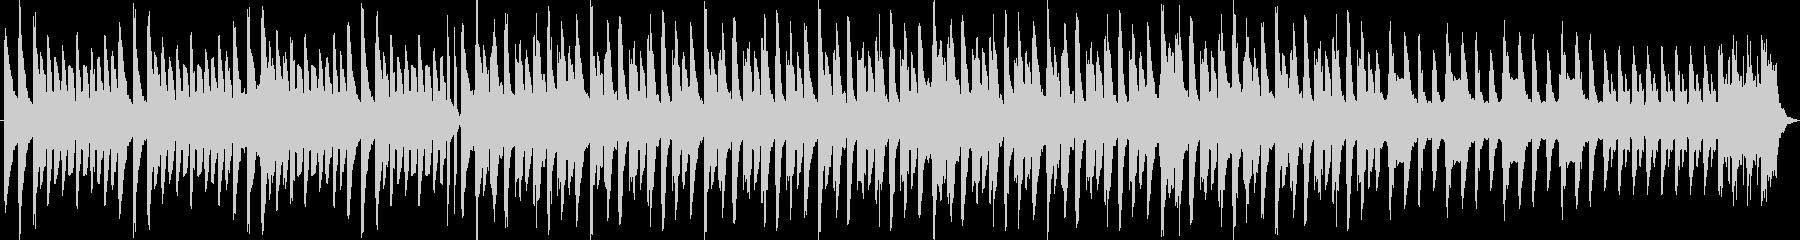 序盤に挟みたいドロップの未再生の波形